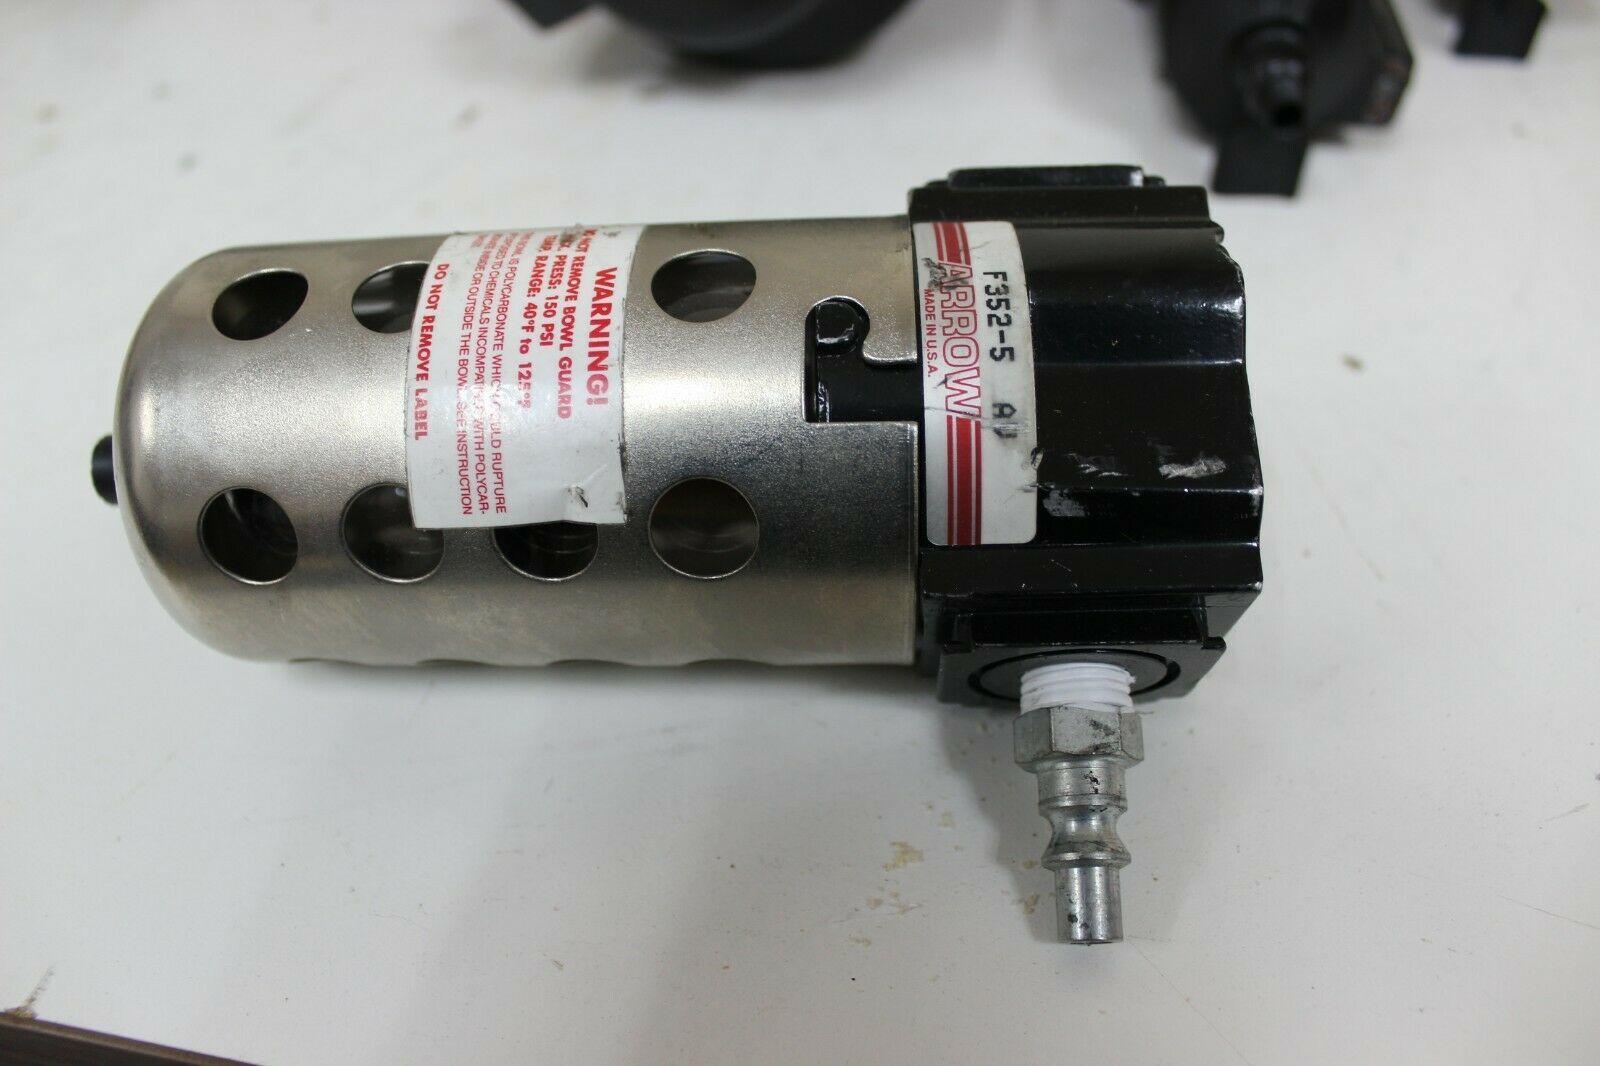 Arrow F352-5 Modular Style Air Filter 5 micron 48 scfm 1/4 NPT Ports New